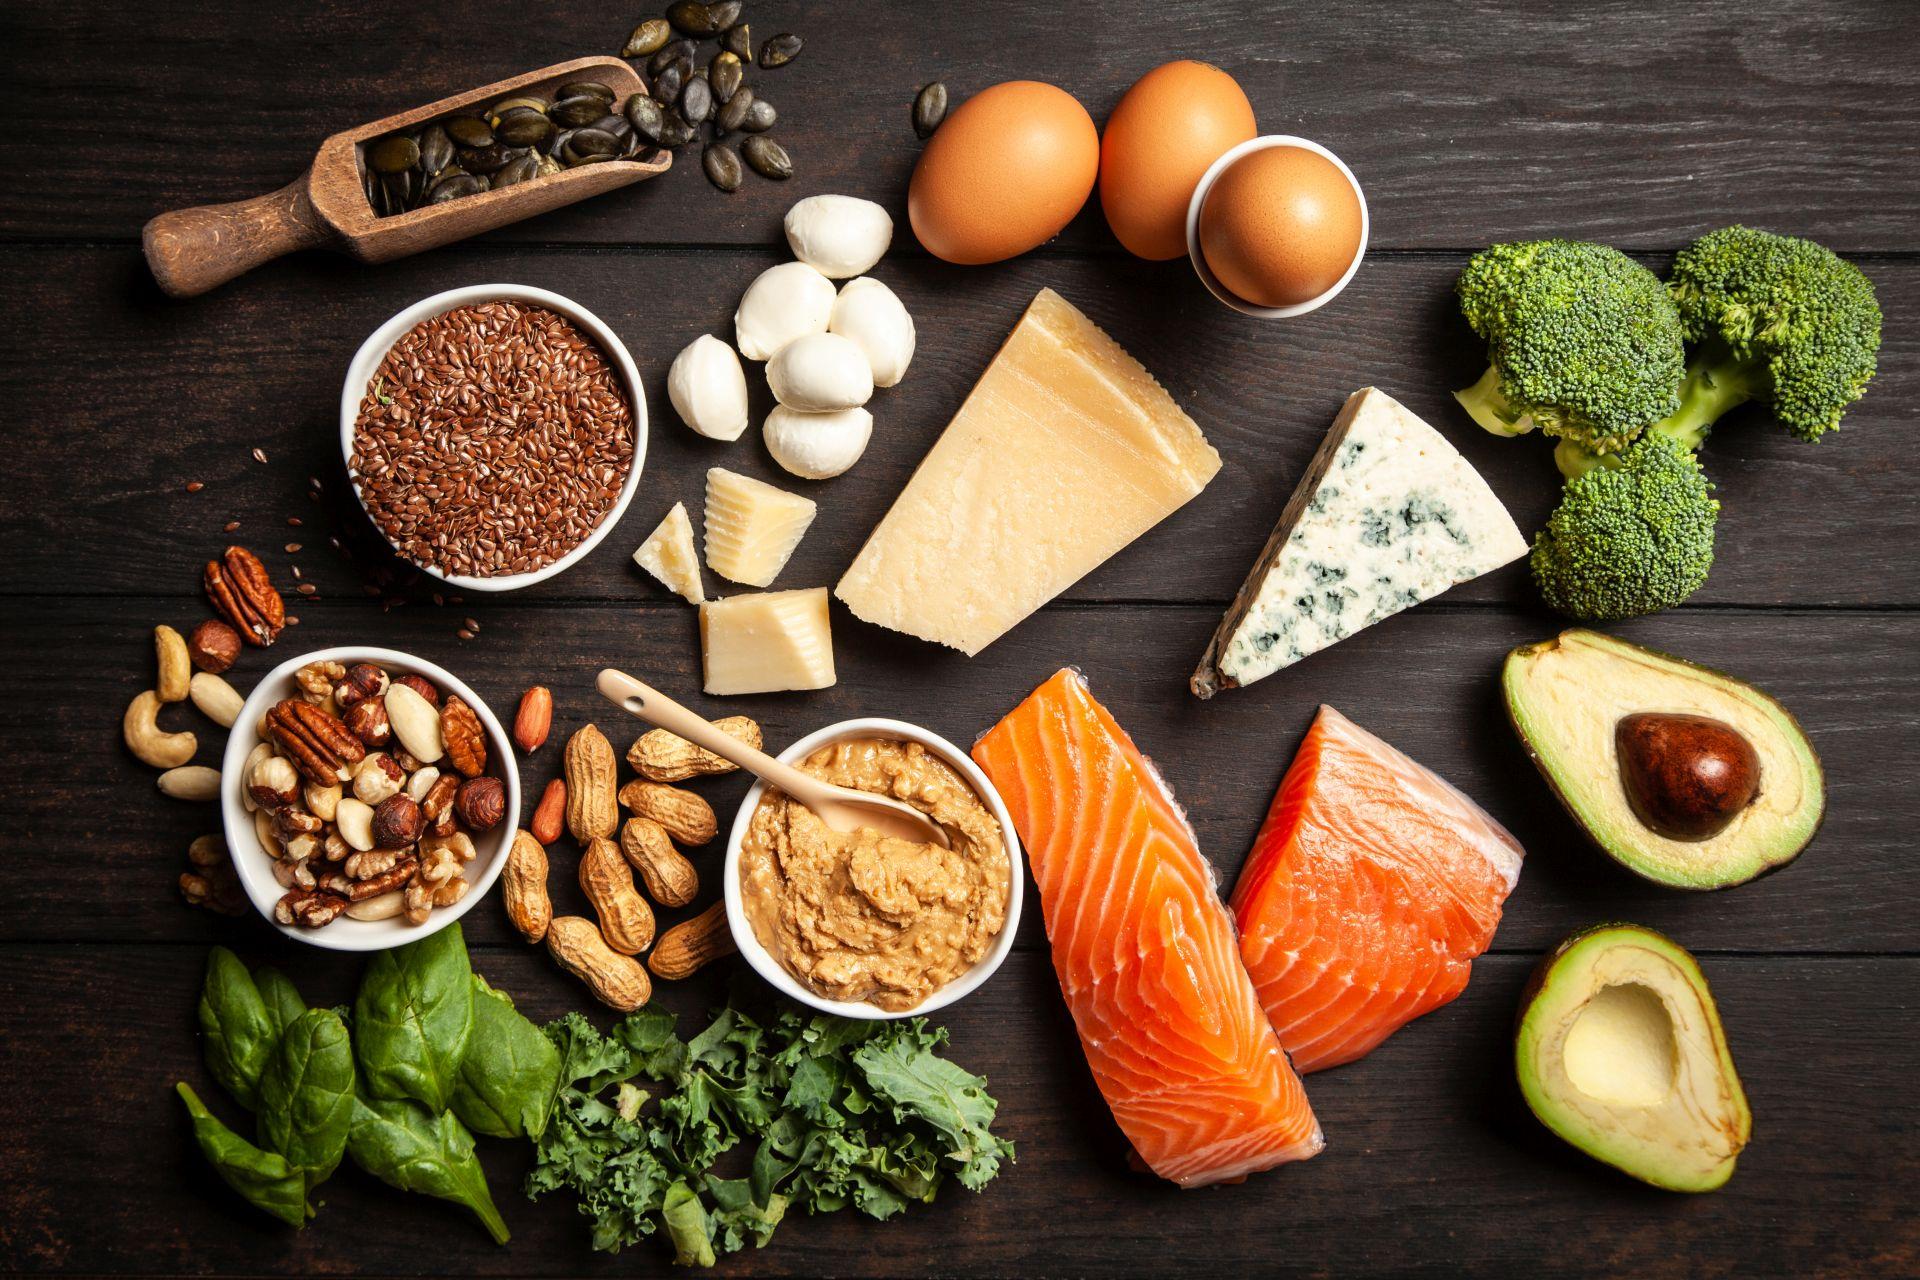 Hiperlipidemia - czym jest, jaką dietę stosować przy hiperlipidemii? Poznaj przyczyny i objawy hiperlipidemii, aby szybko ją rozpoznać.